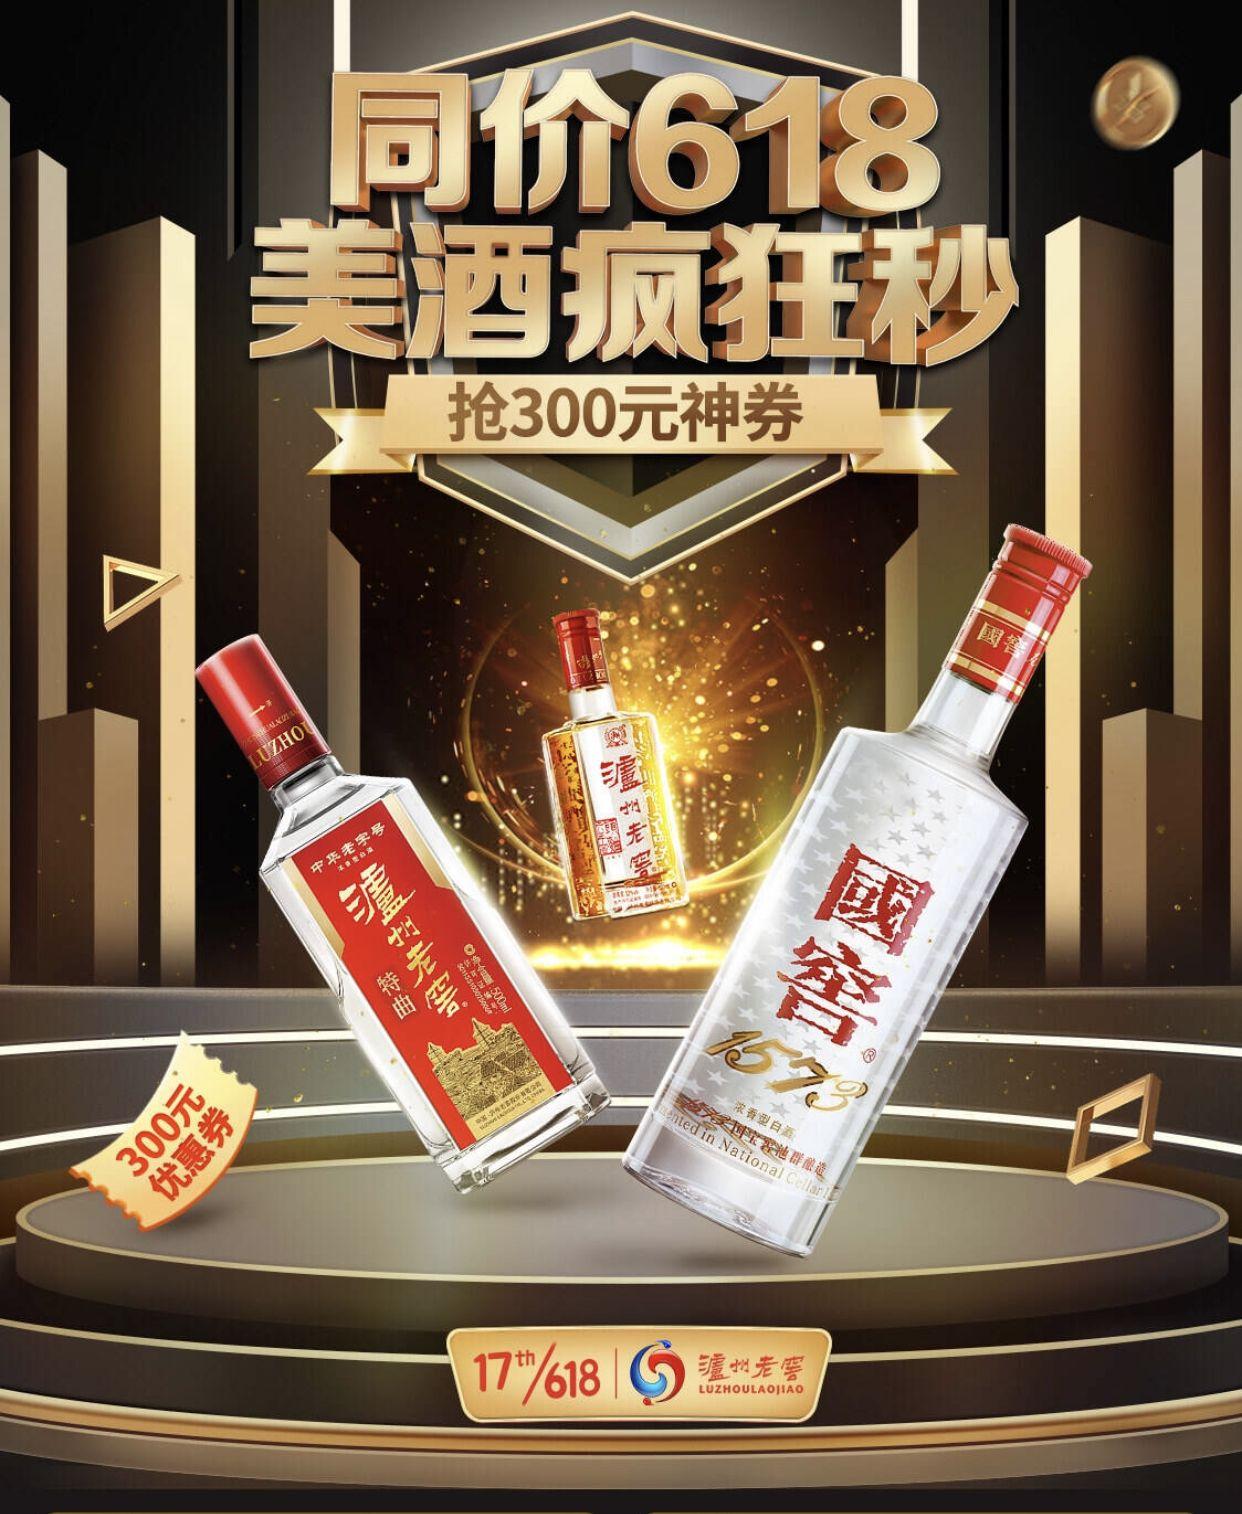 【摩天注册】观察|摩天注册618推动酒水热销酒水图片